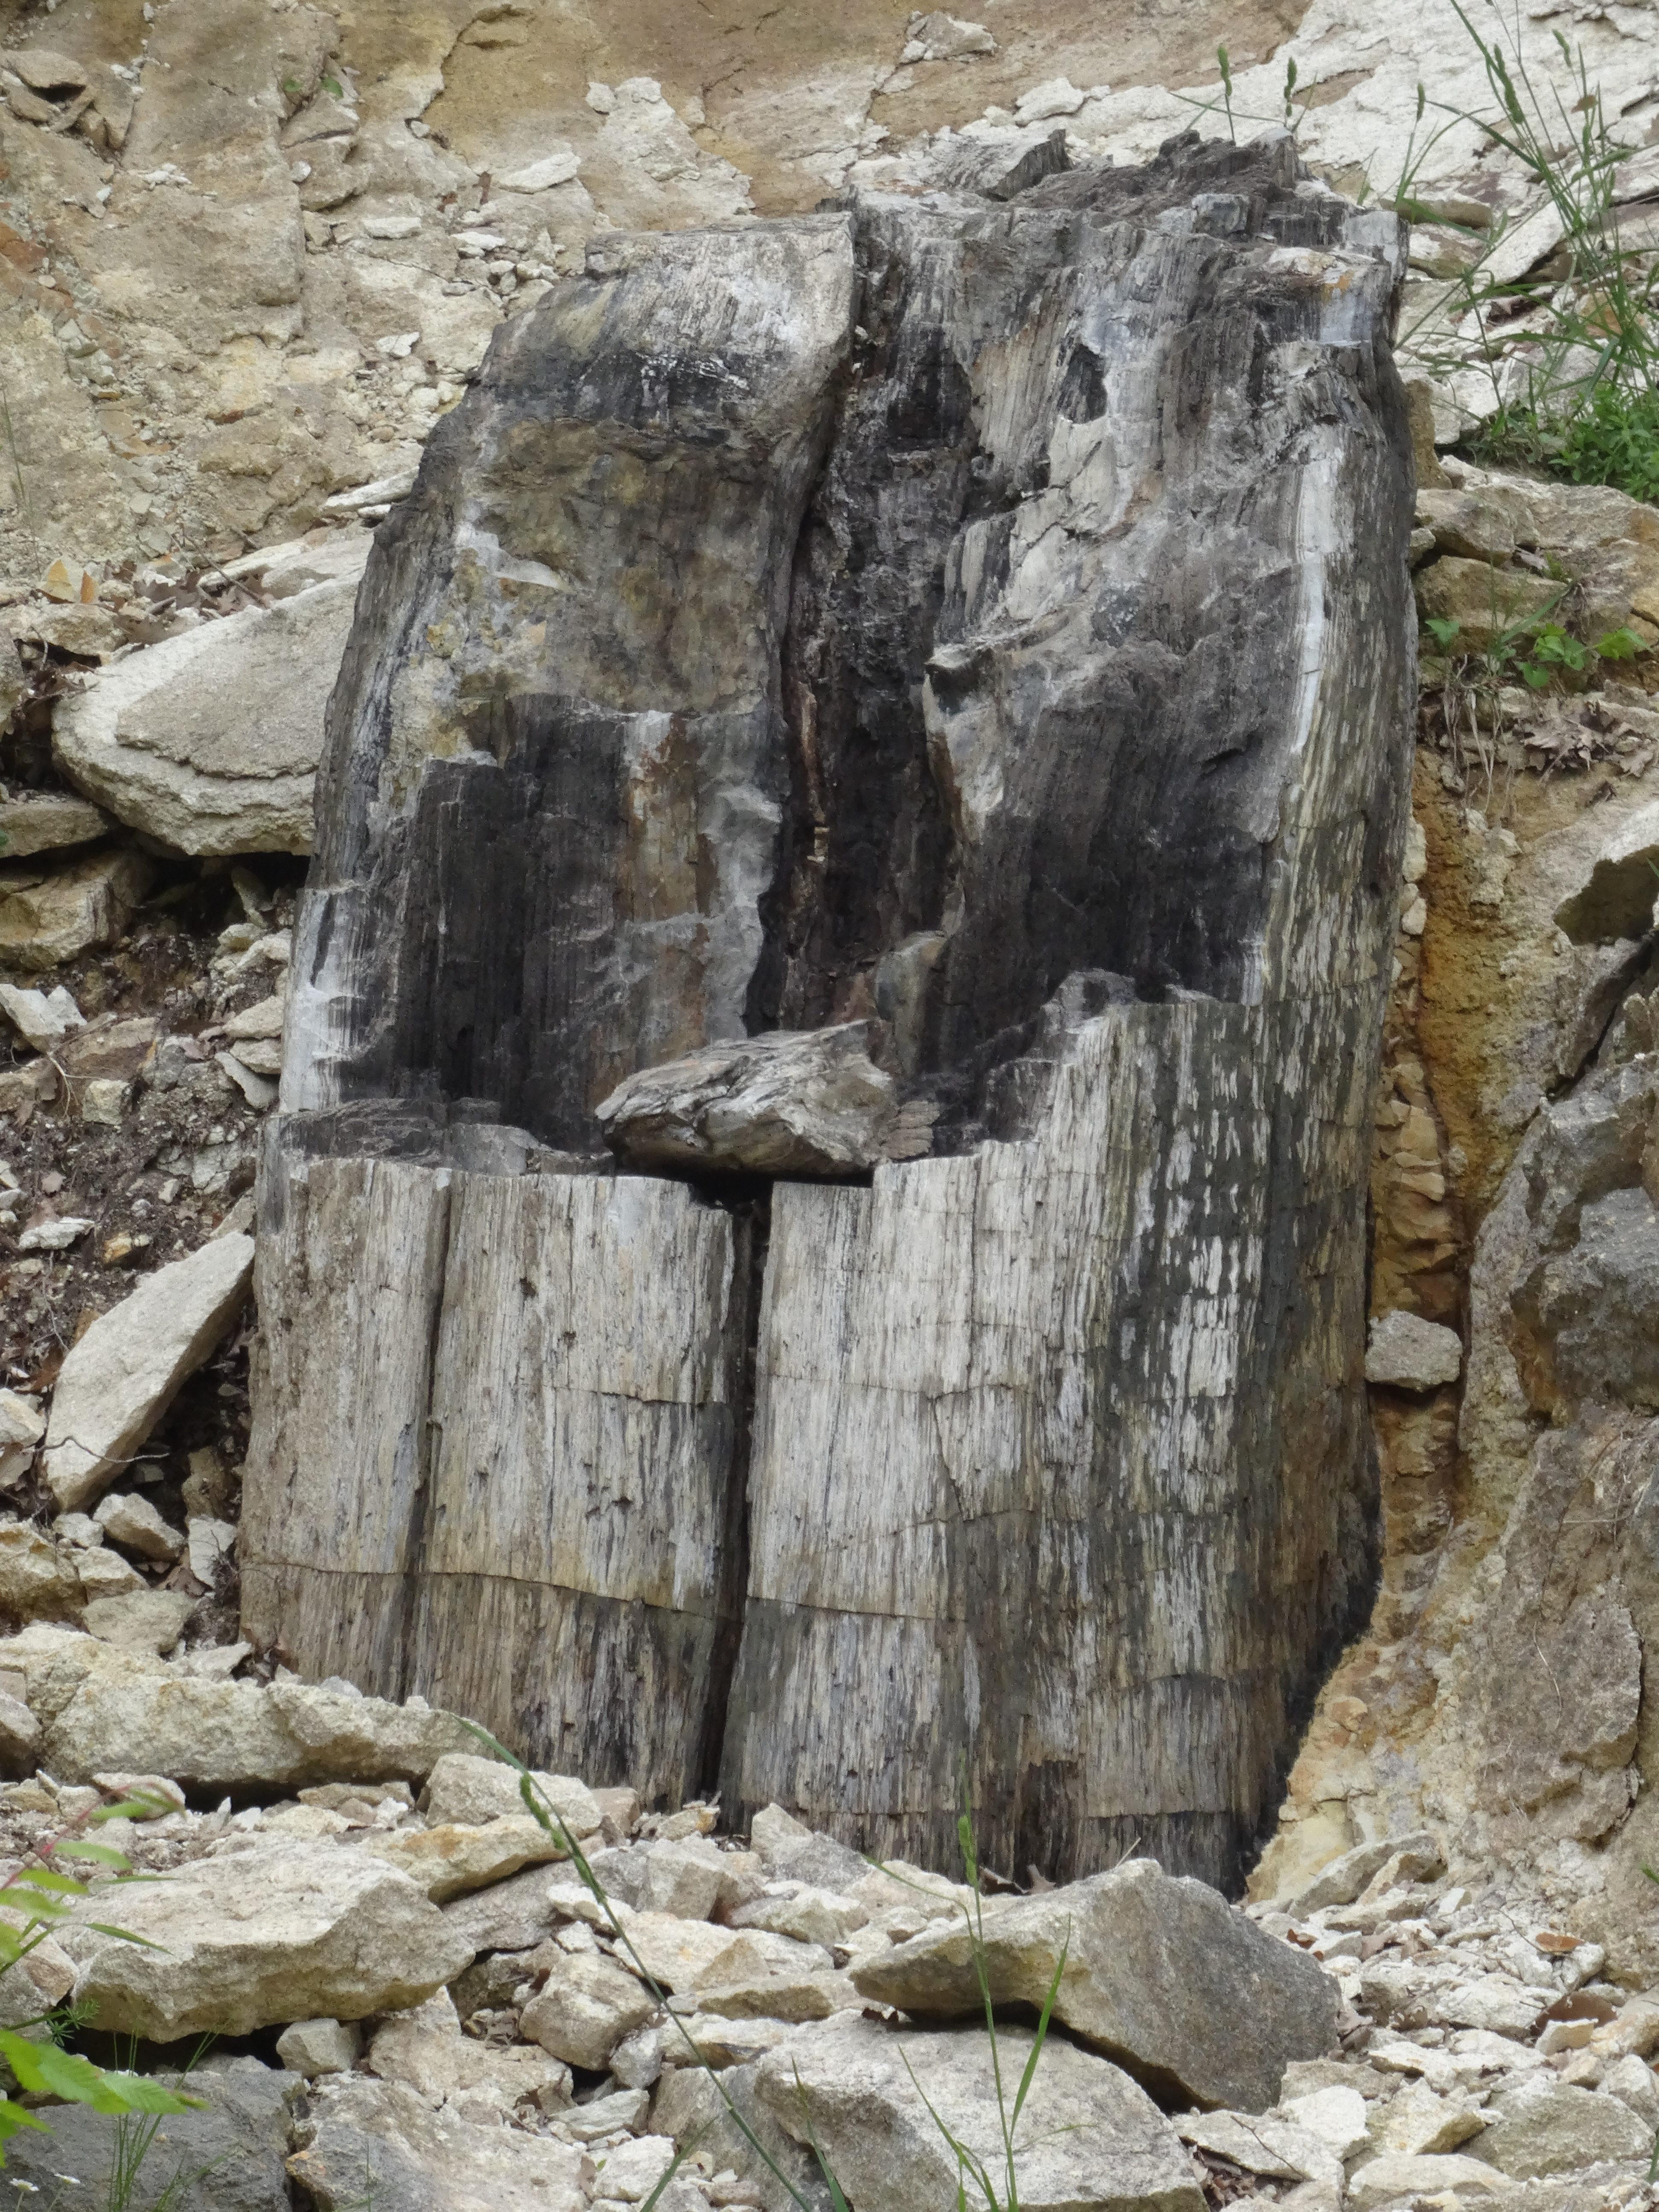 Petrified forest unique